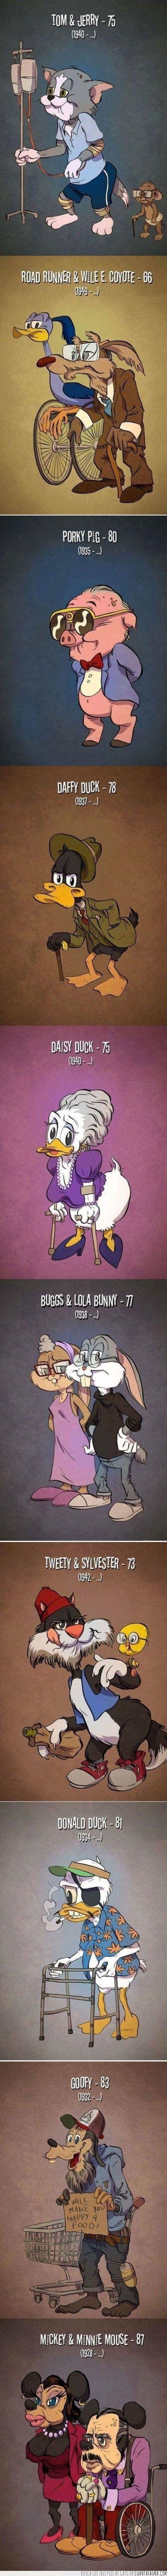 Así envejecerían los animales más famosos de los dibujos animados (Favorite Meme)